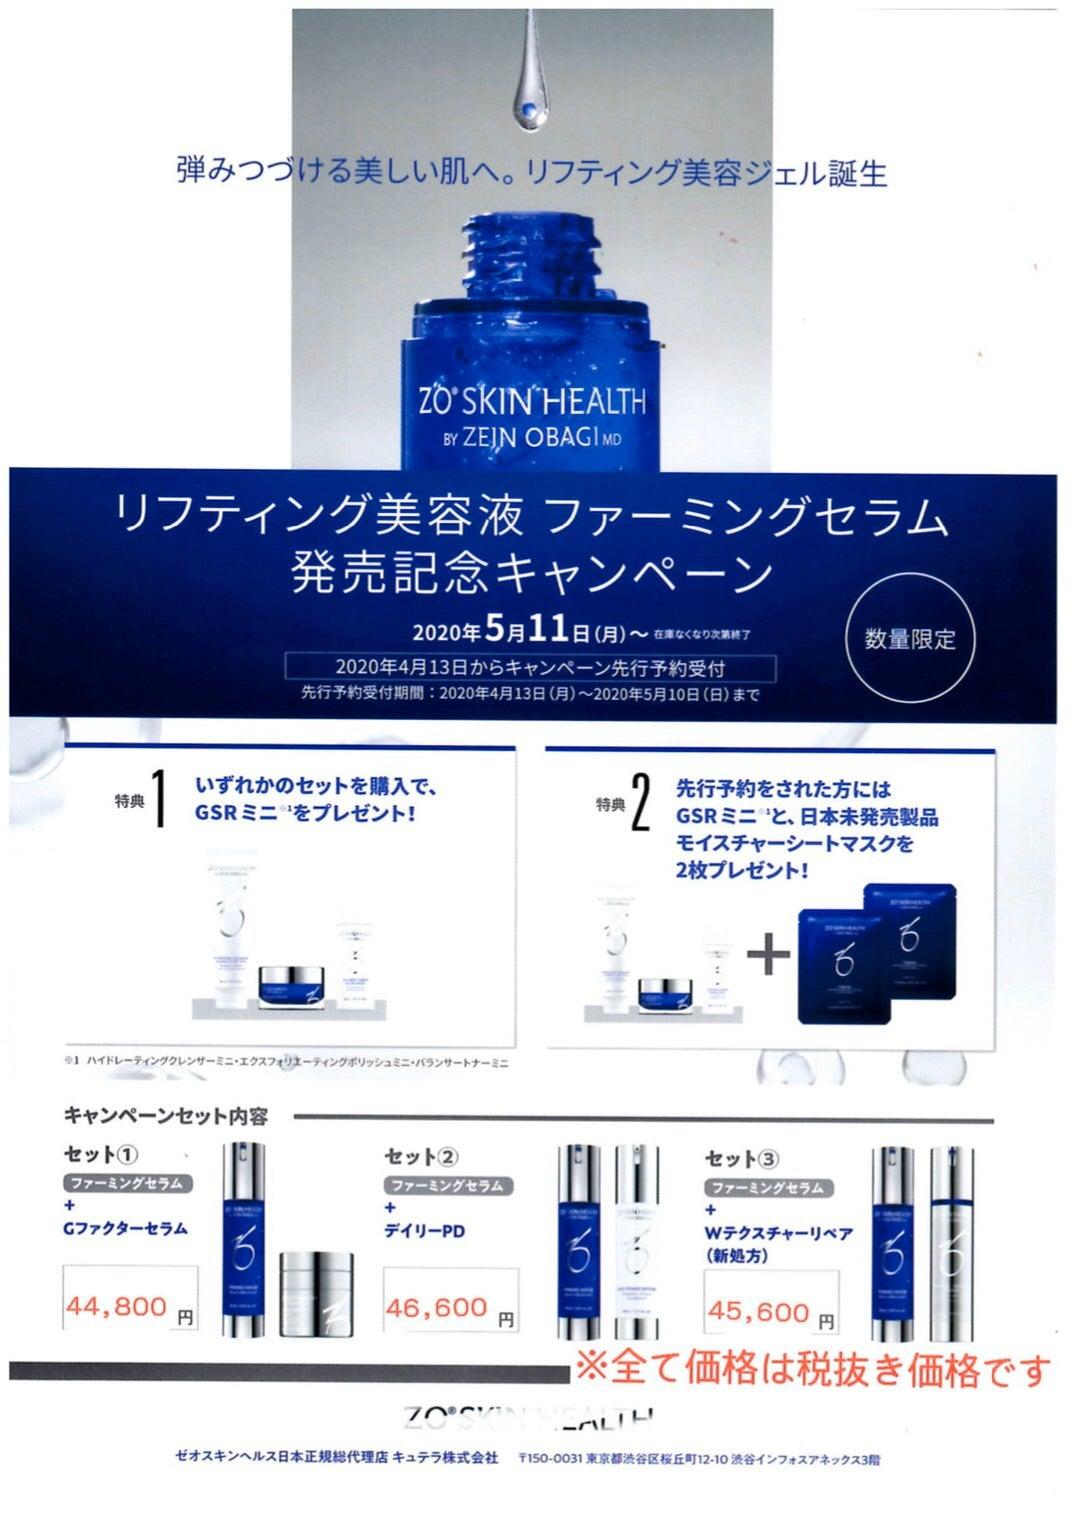 ゼオスキン新商品「ファーミングセラム」キャンペーン